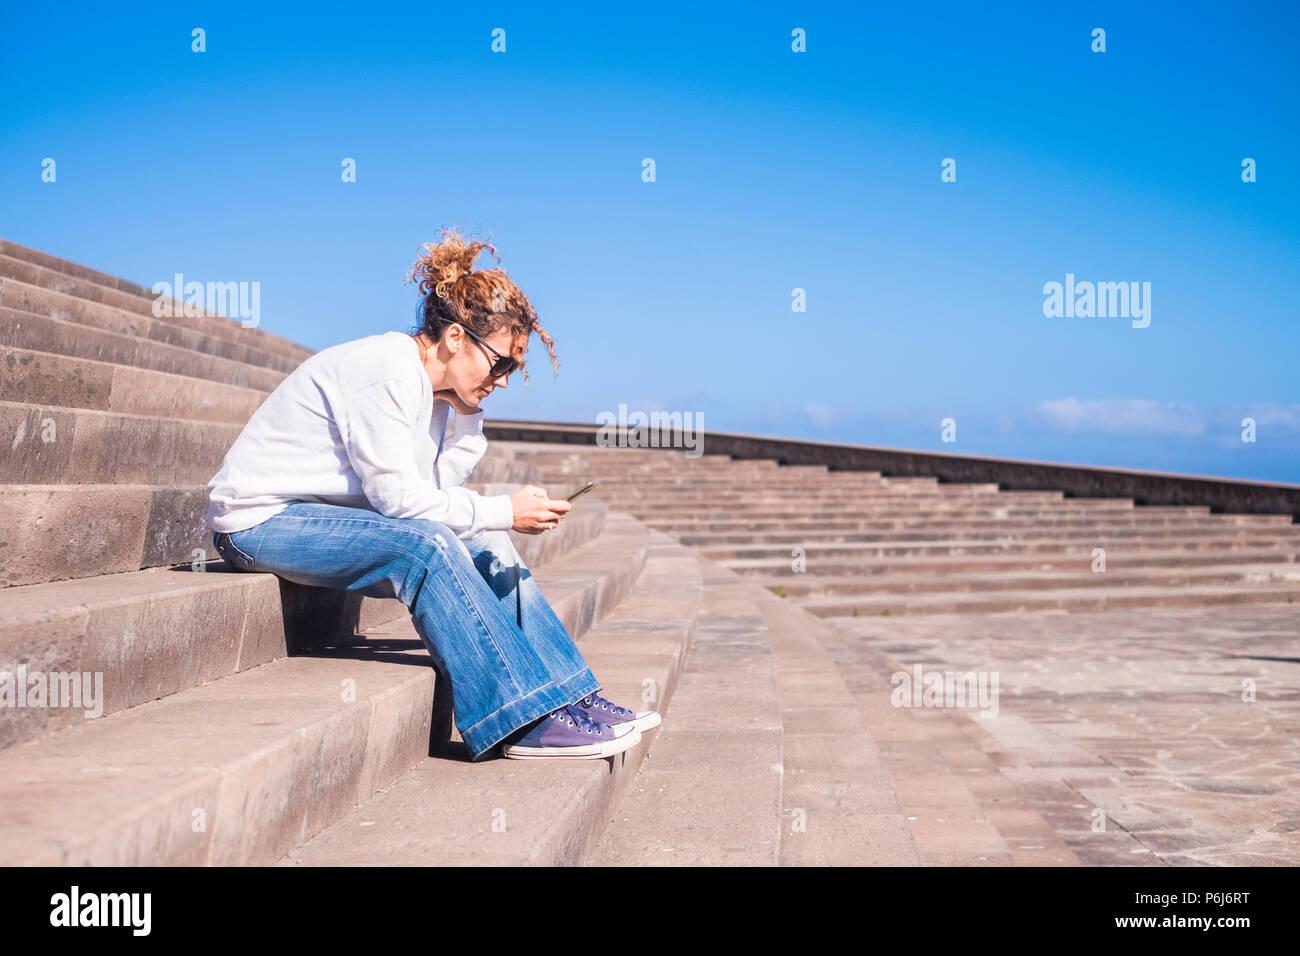 Lonely medioevo Donna al lavoro con uno smartphone seduto su una lunga e bellissima staris in concorso urbano. Tempo libero con tehnology concetto per la donna moderna Immagini Stock